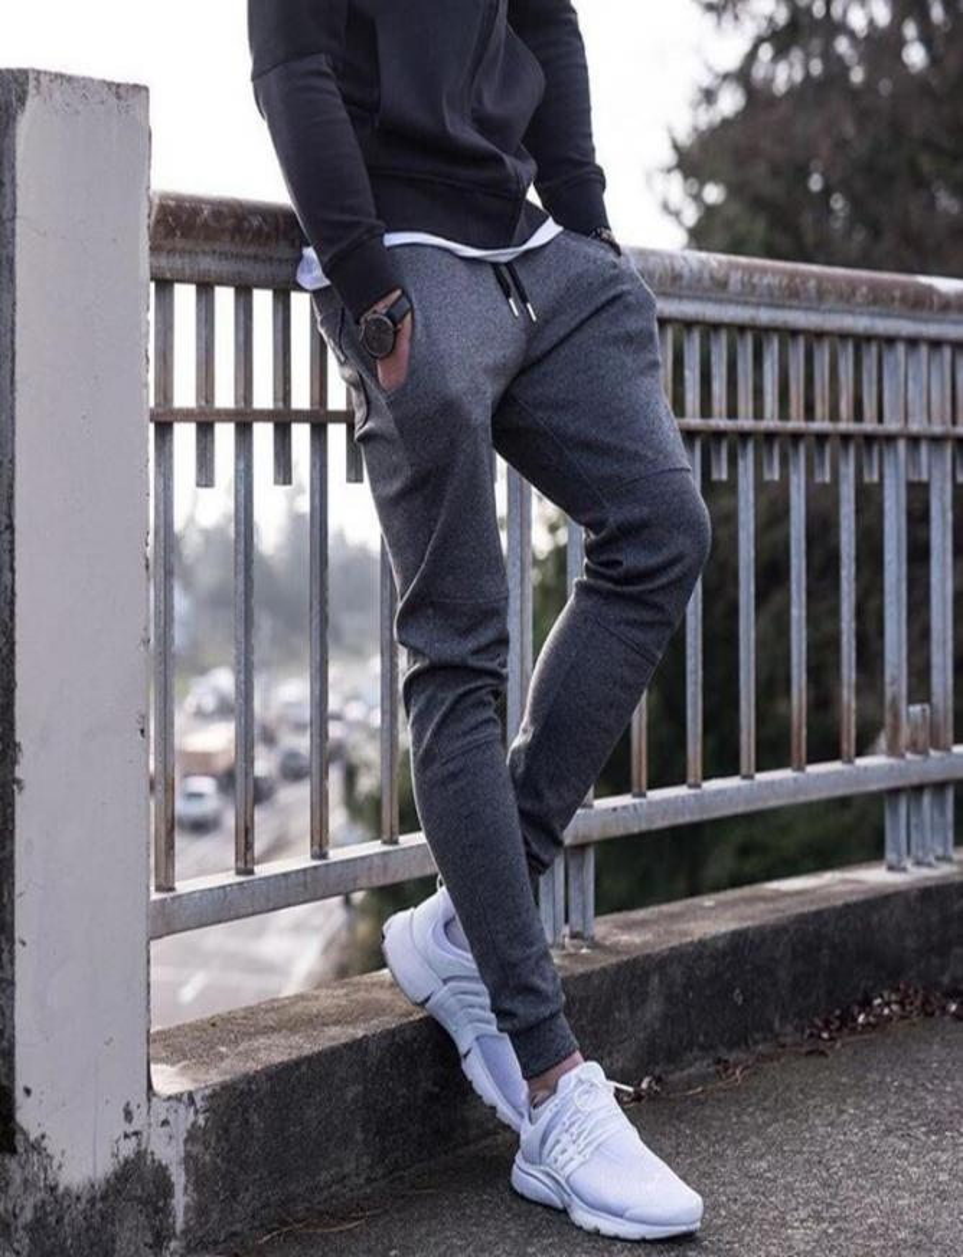 Pantaloni tuta Grigio